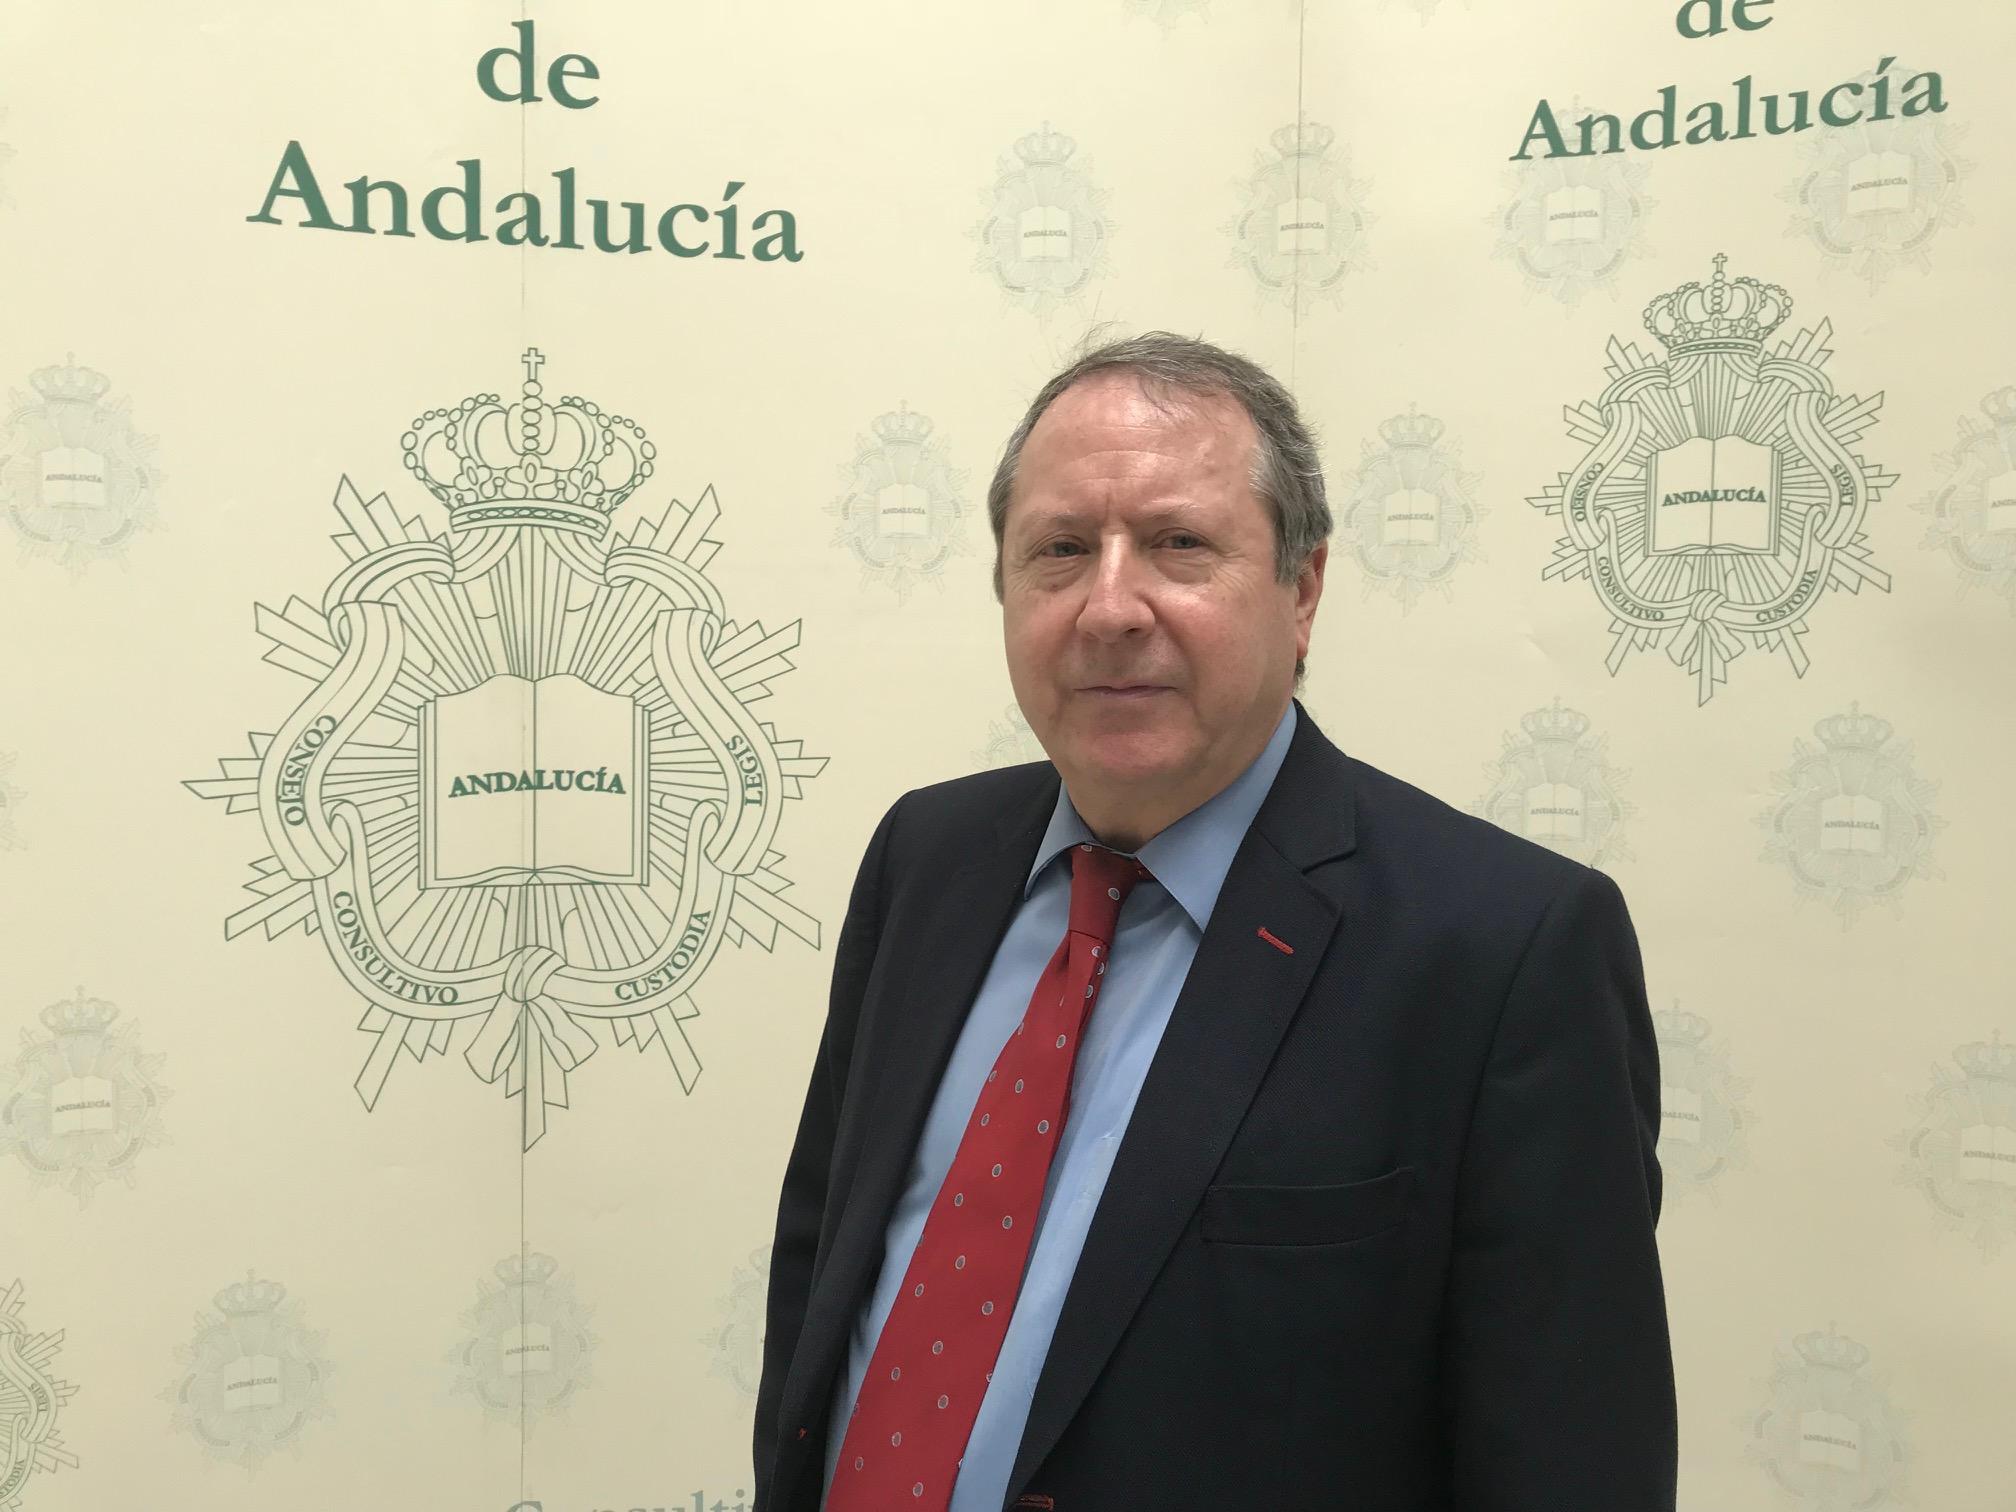 Juan Cano Bueso